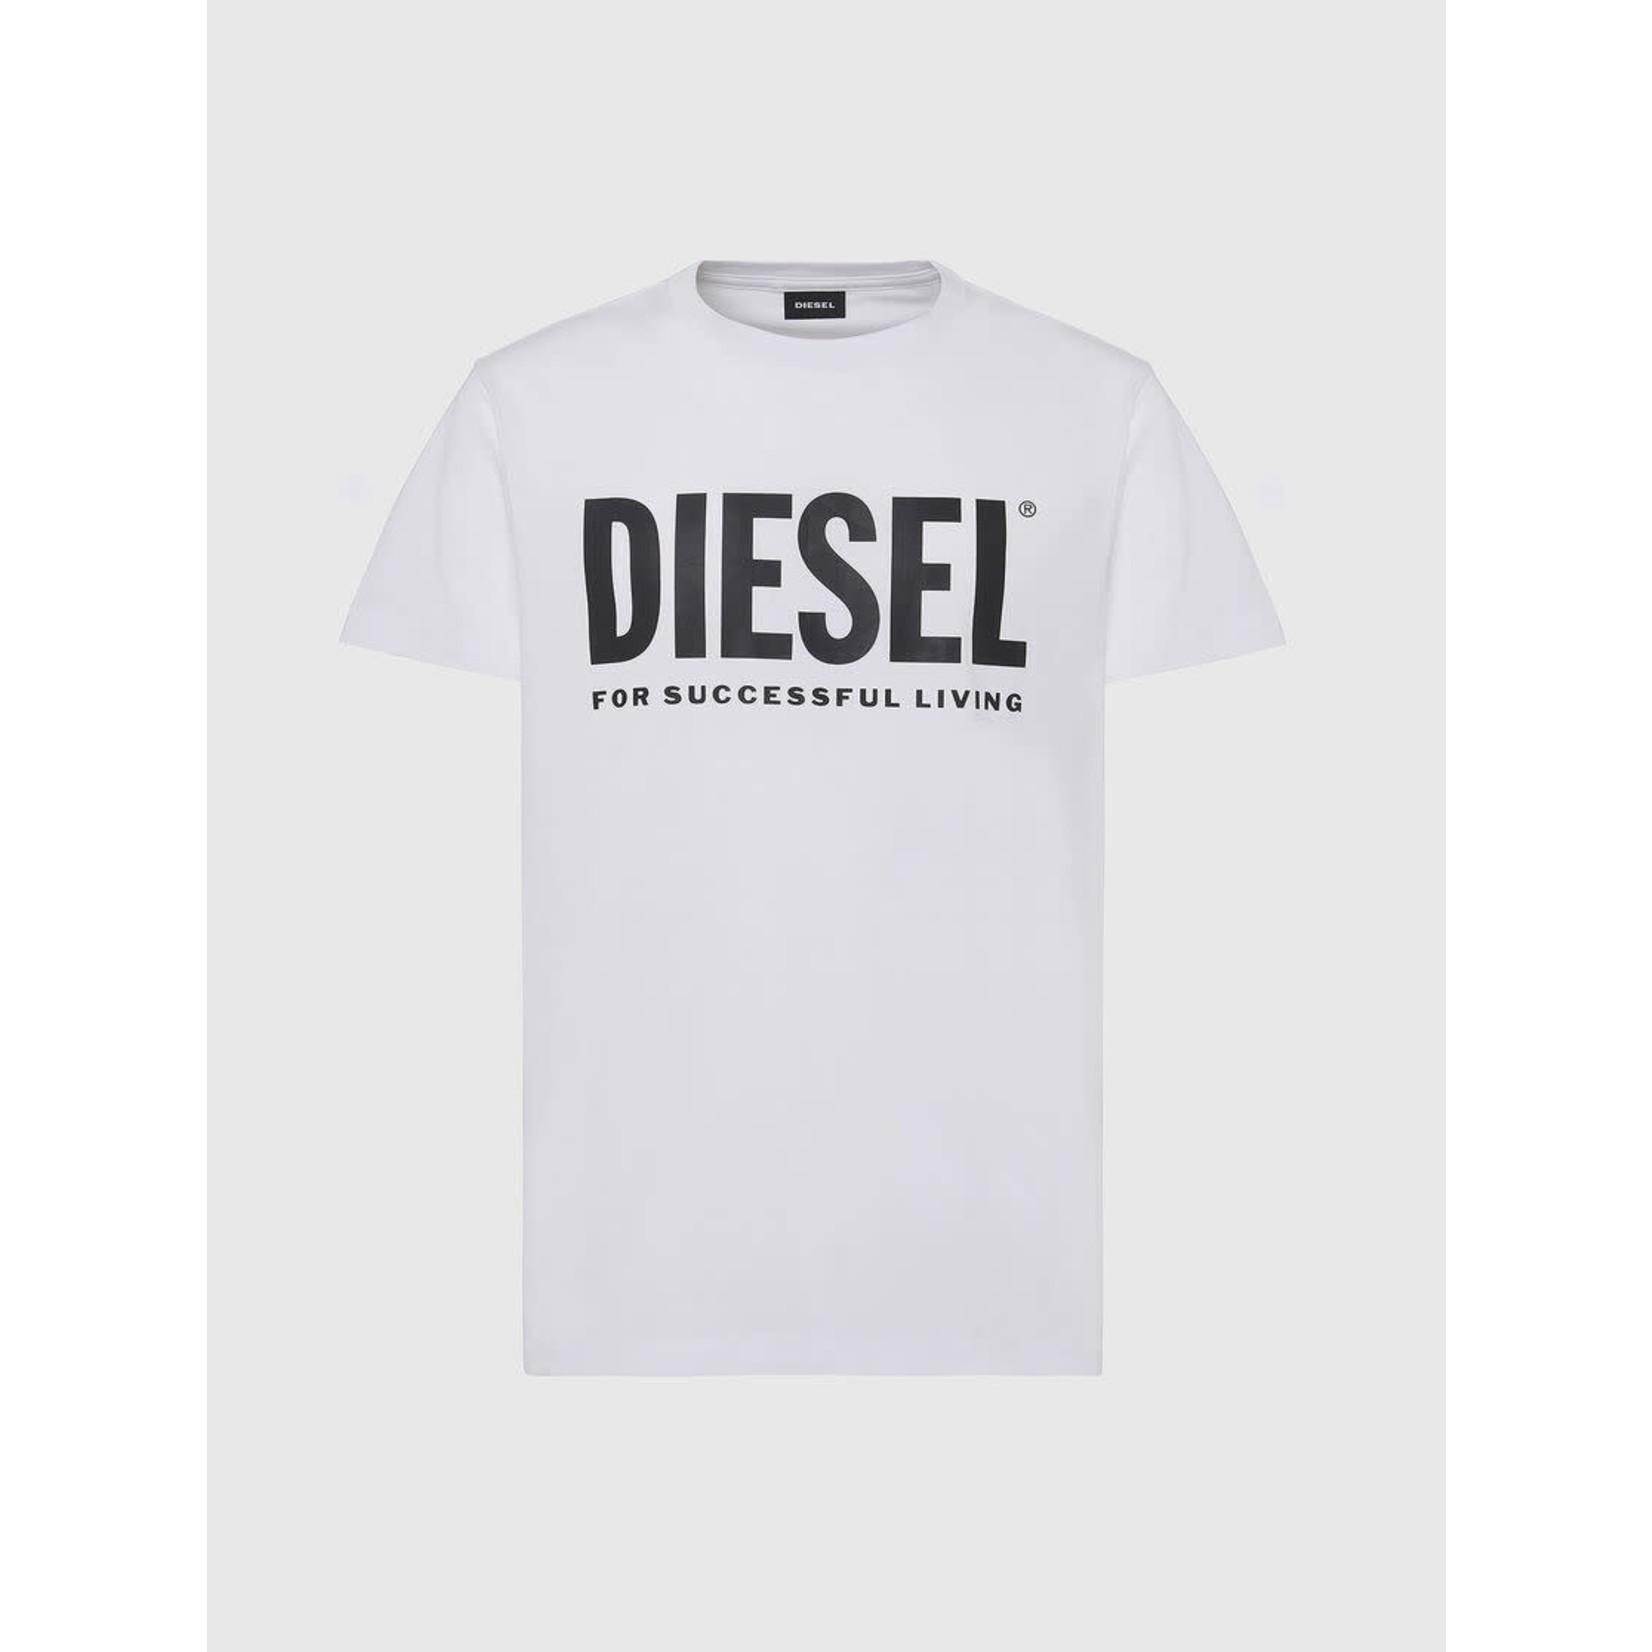 DIESEL DIESEL T-SHIRT DIEGO LOGO - WHITE